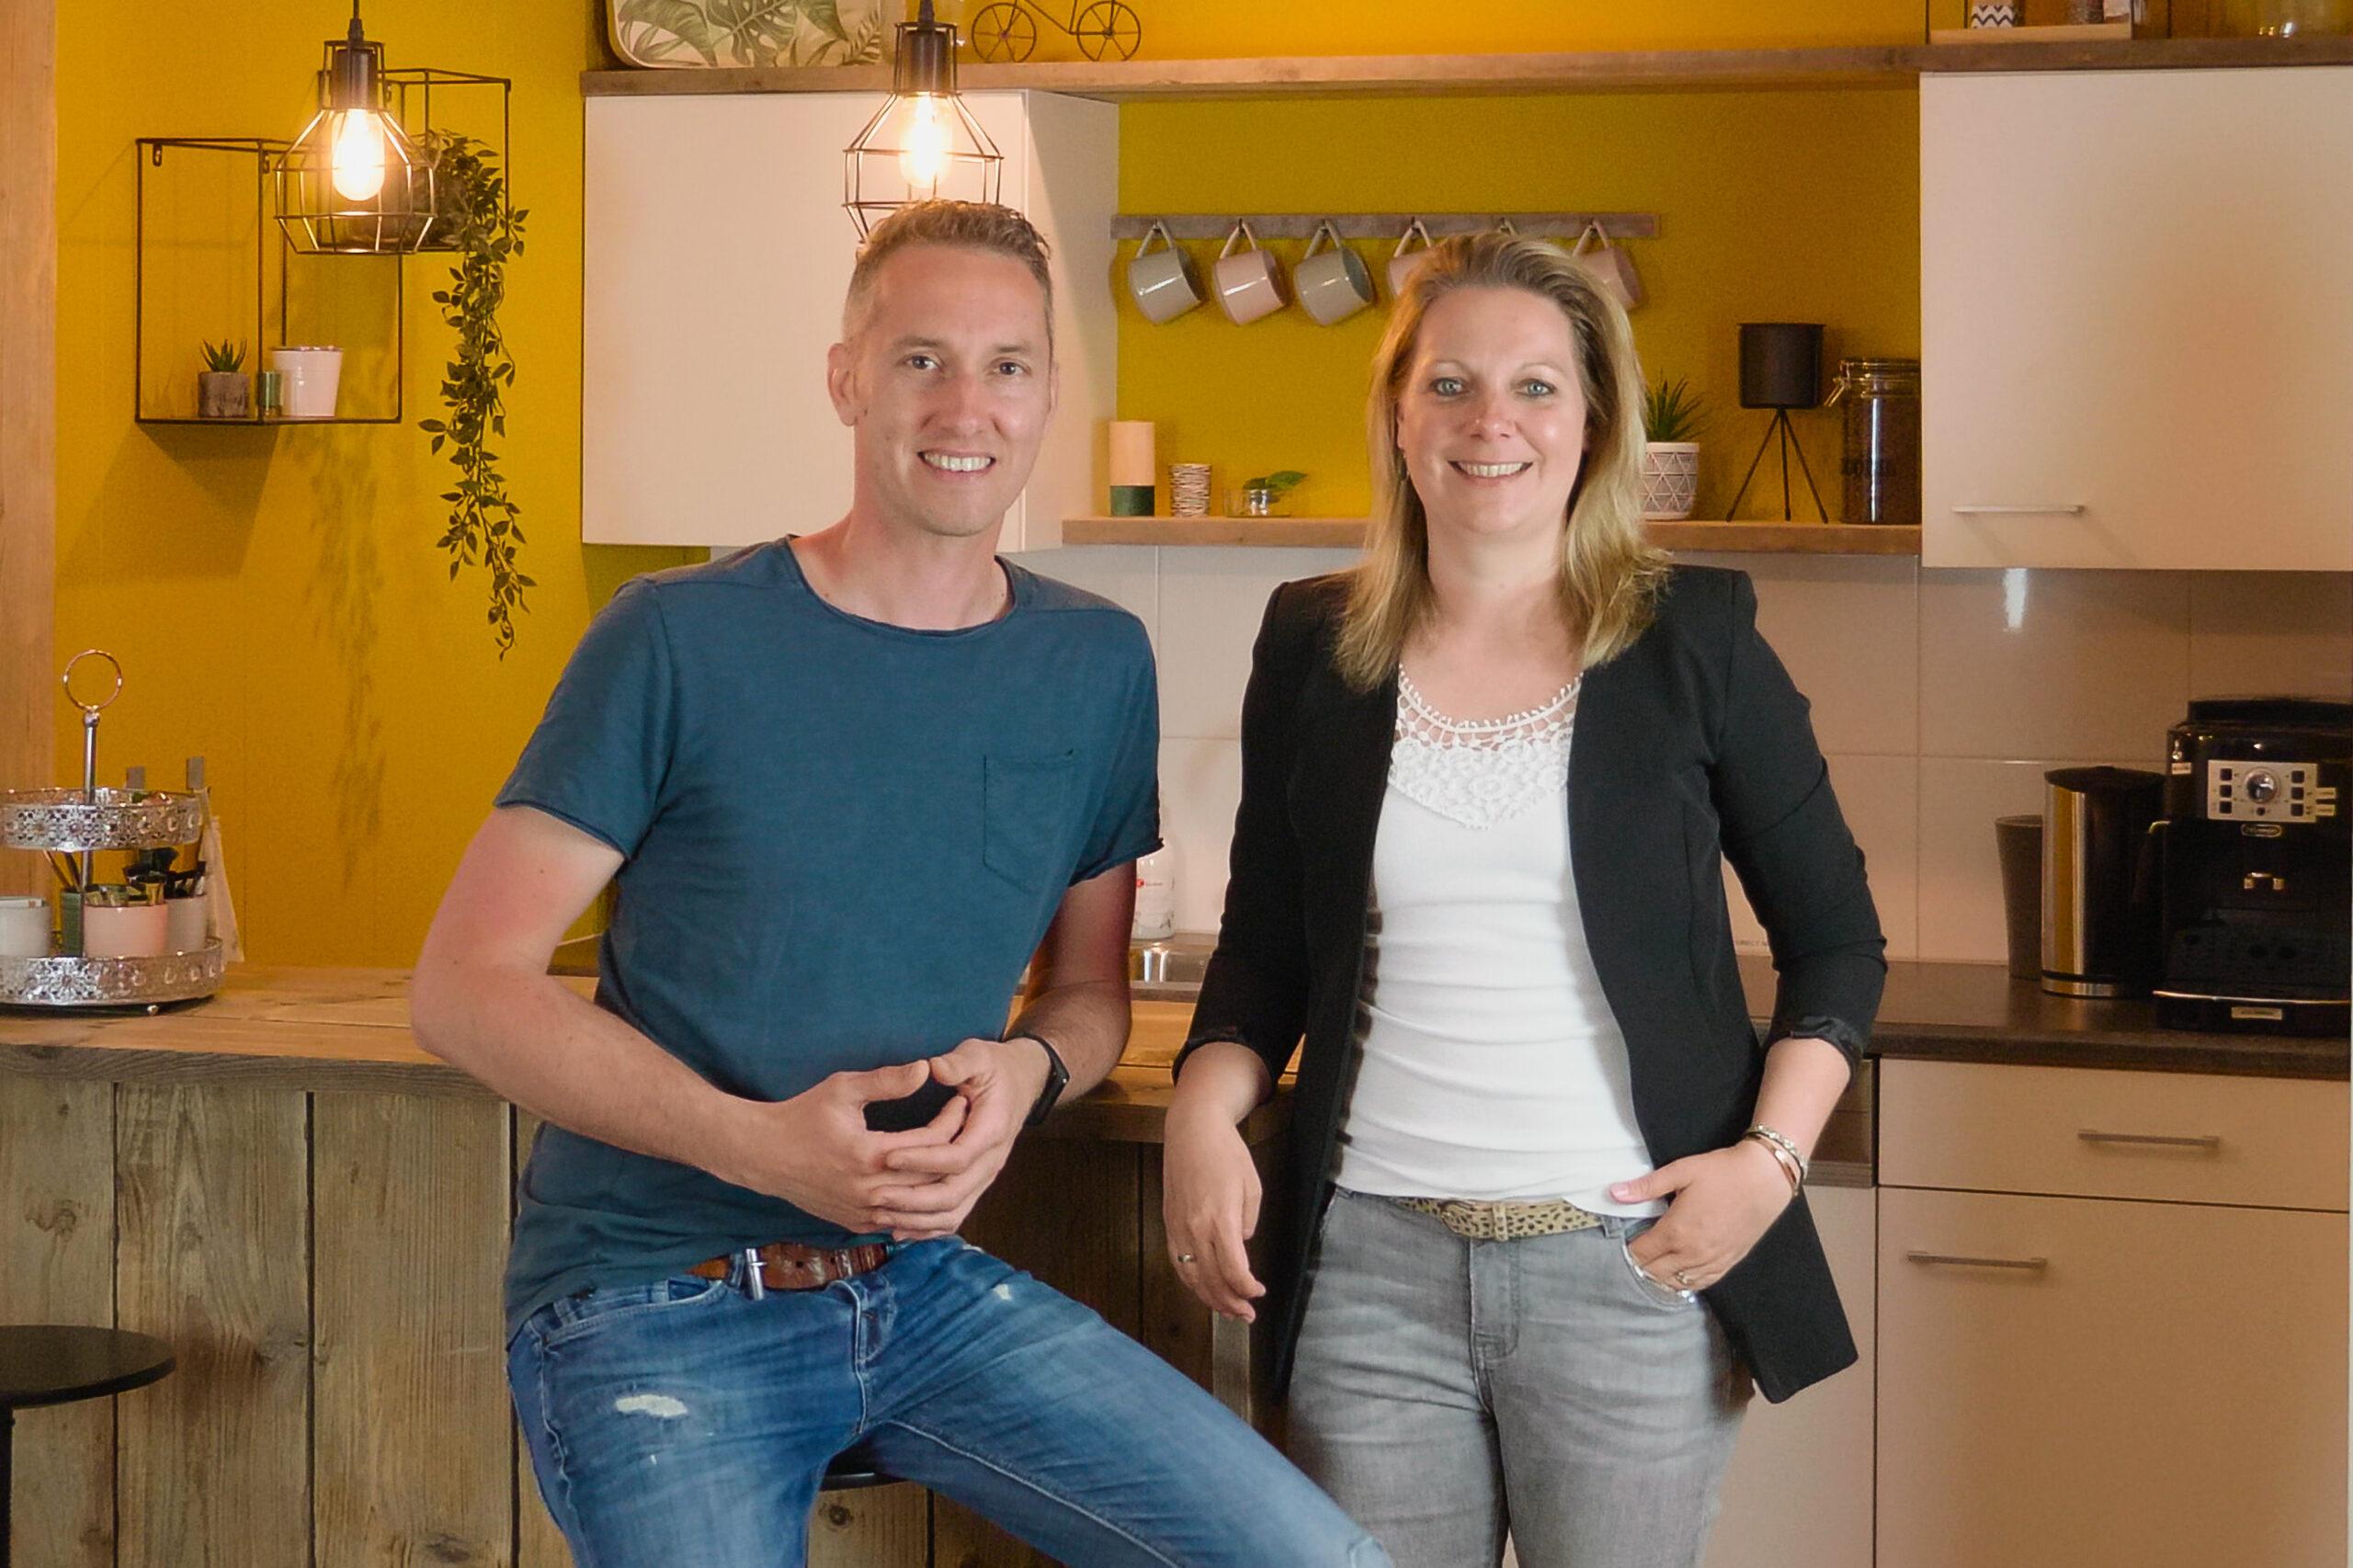 HIER Achterhoek Jeroen Muller & Chantal Muller-Reerink